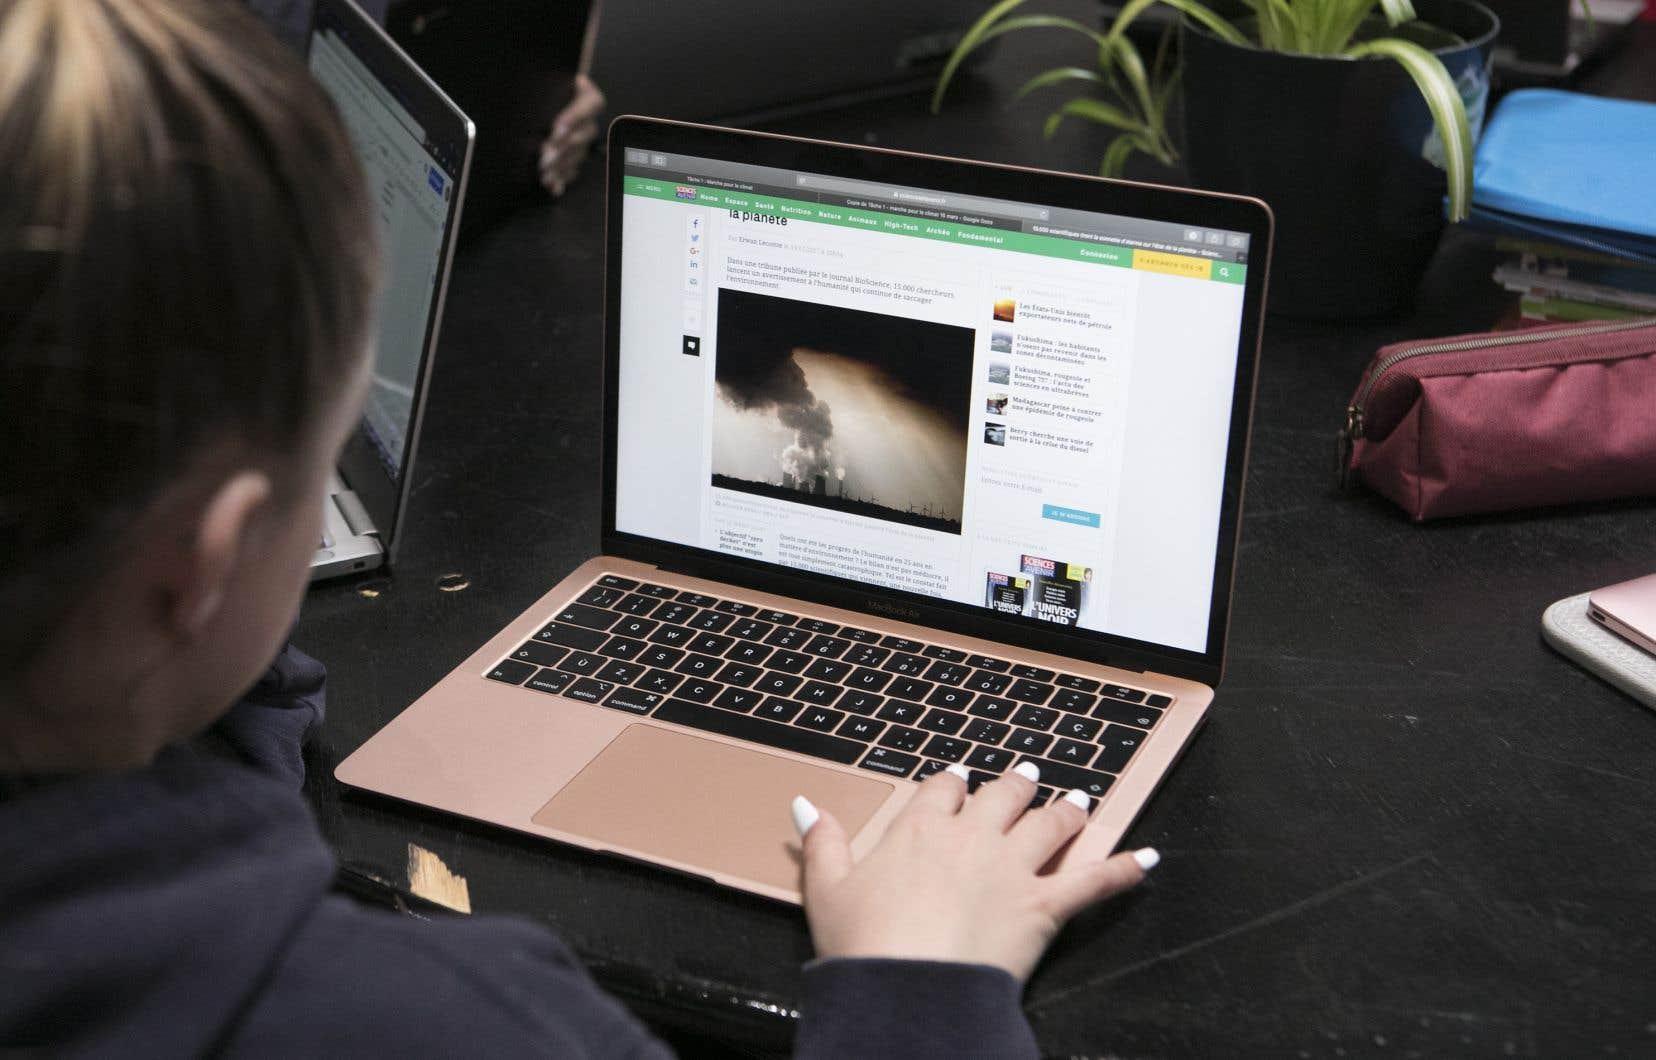 En 2018, 92% des adultes québécois ont utilisé Internet au moins une fois par semaine, une hausse de 3points de pourcentage comparativement à 2017.